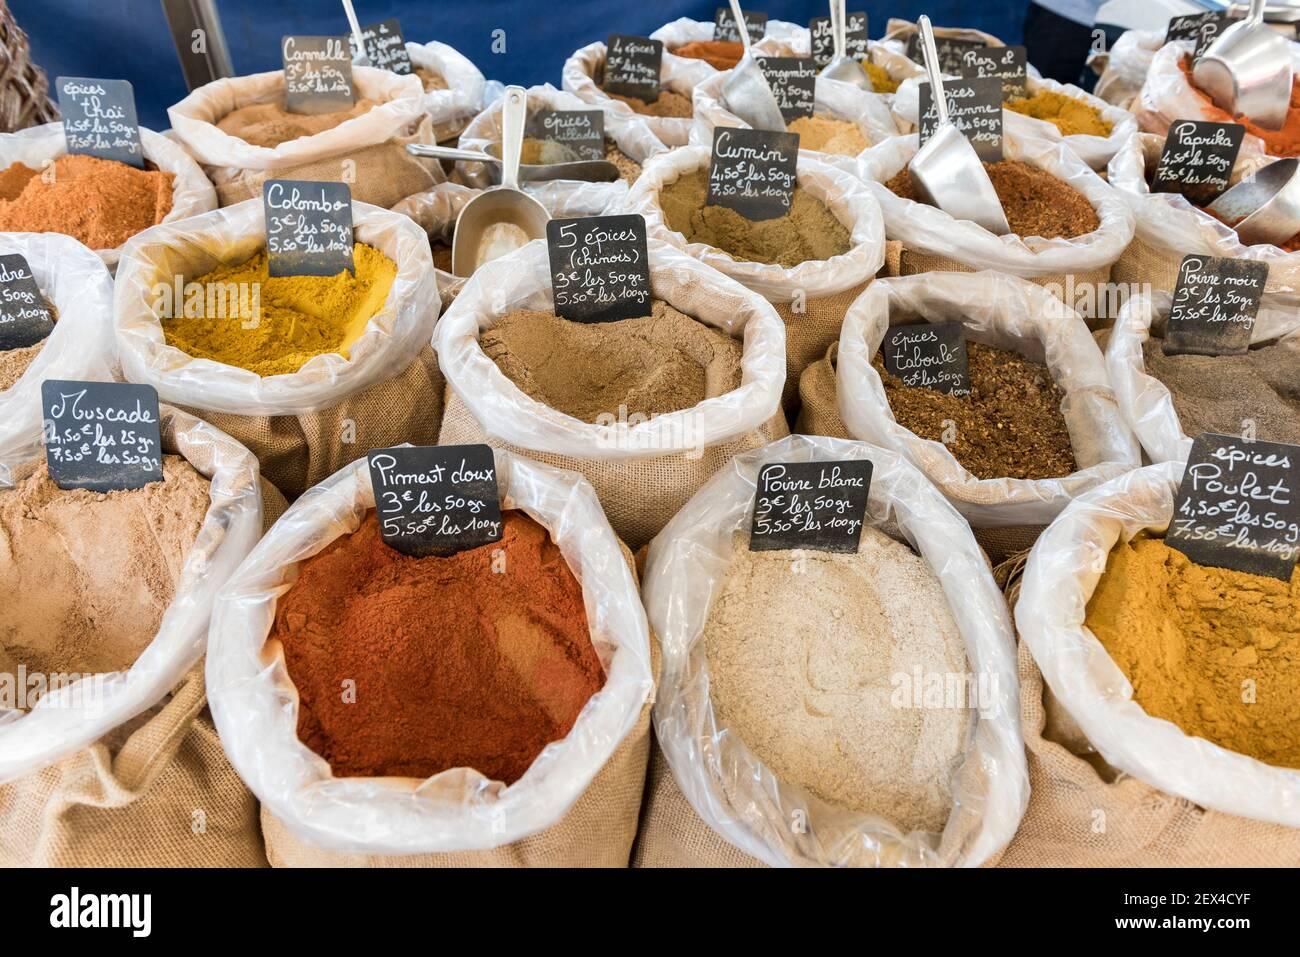 Sacchetti di spezie in un mercato estivo, Provenza, Francia Foto Stock